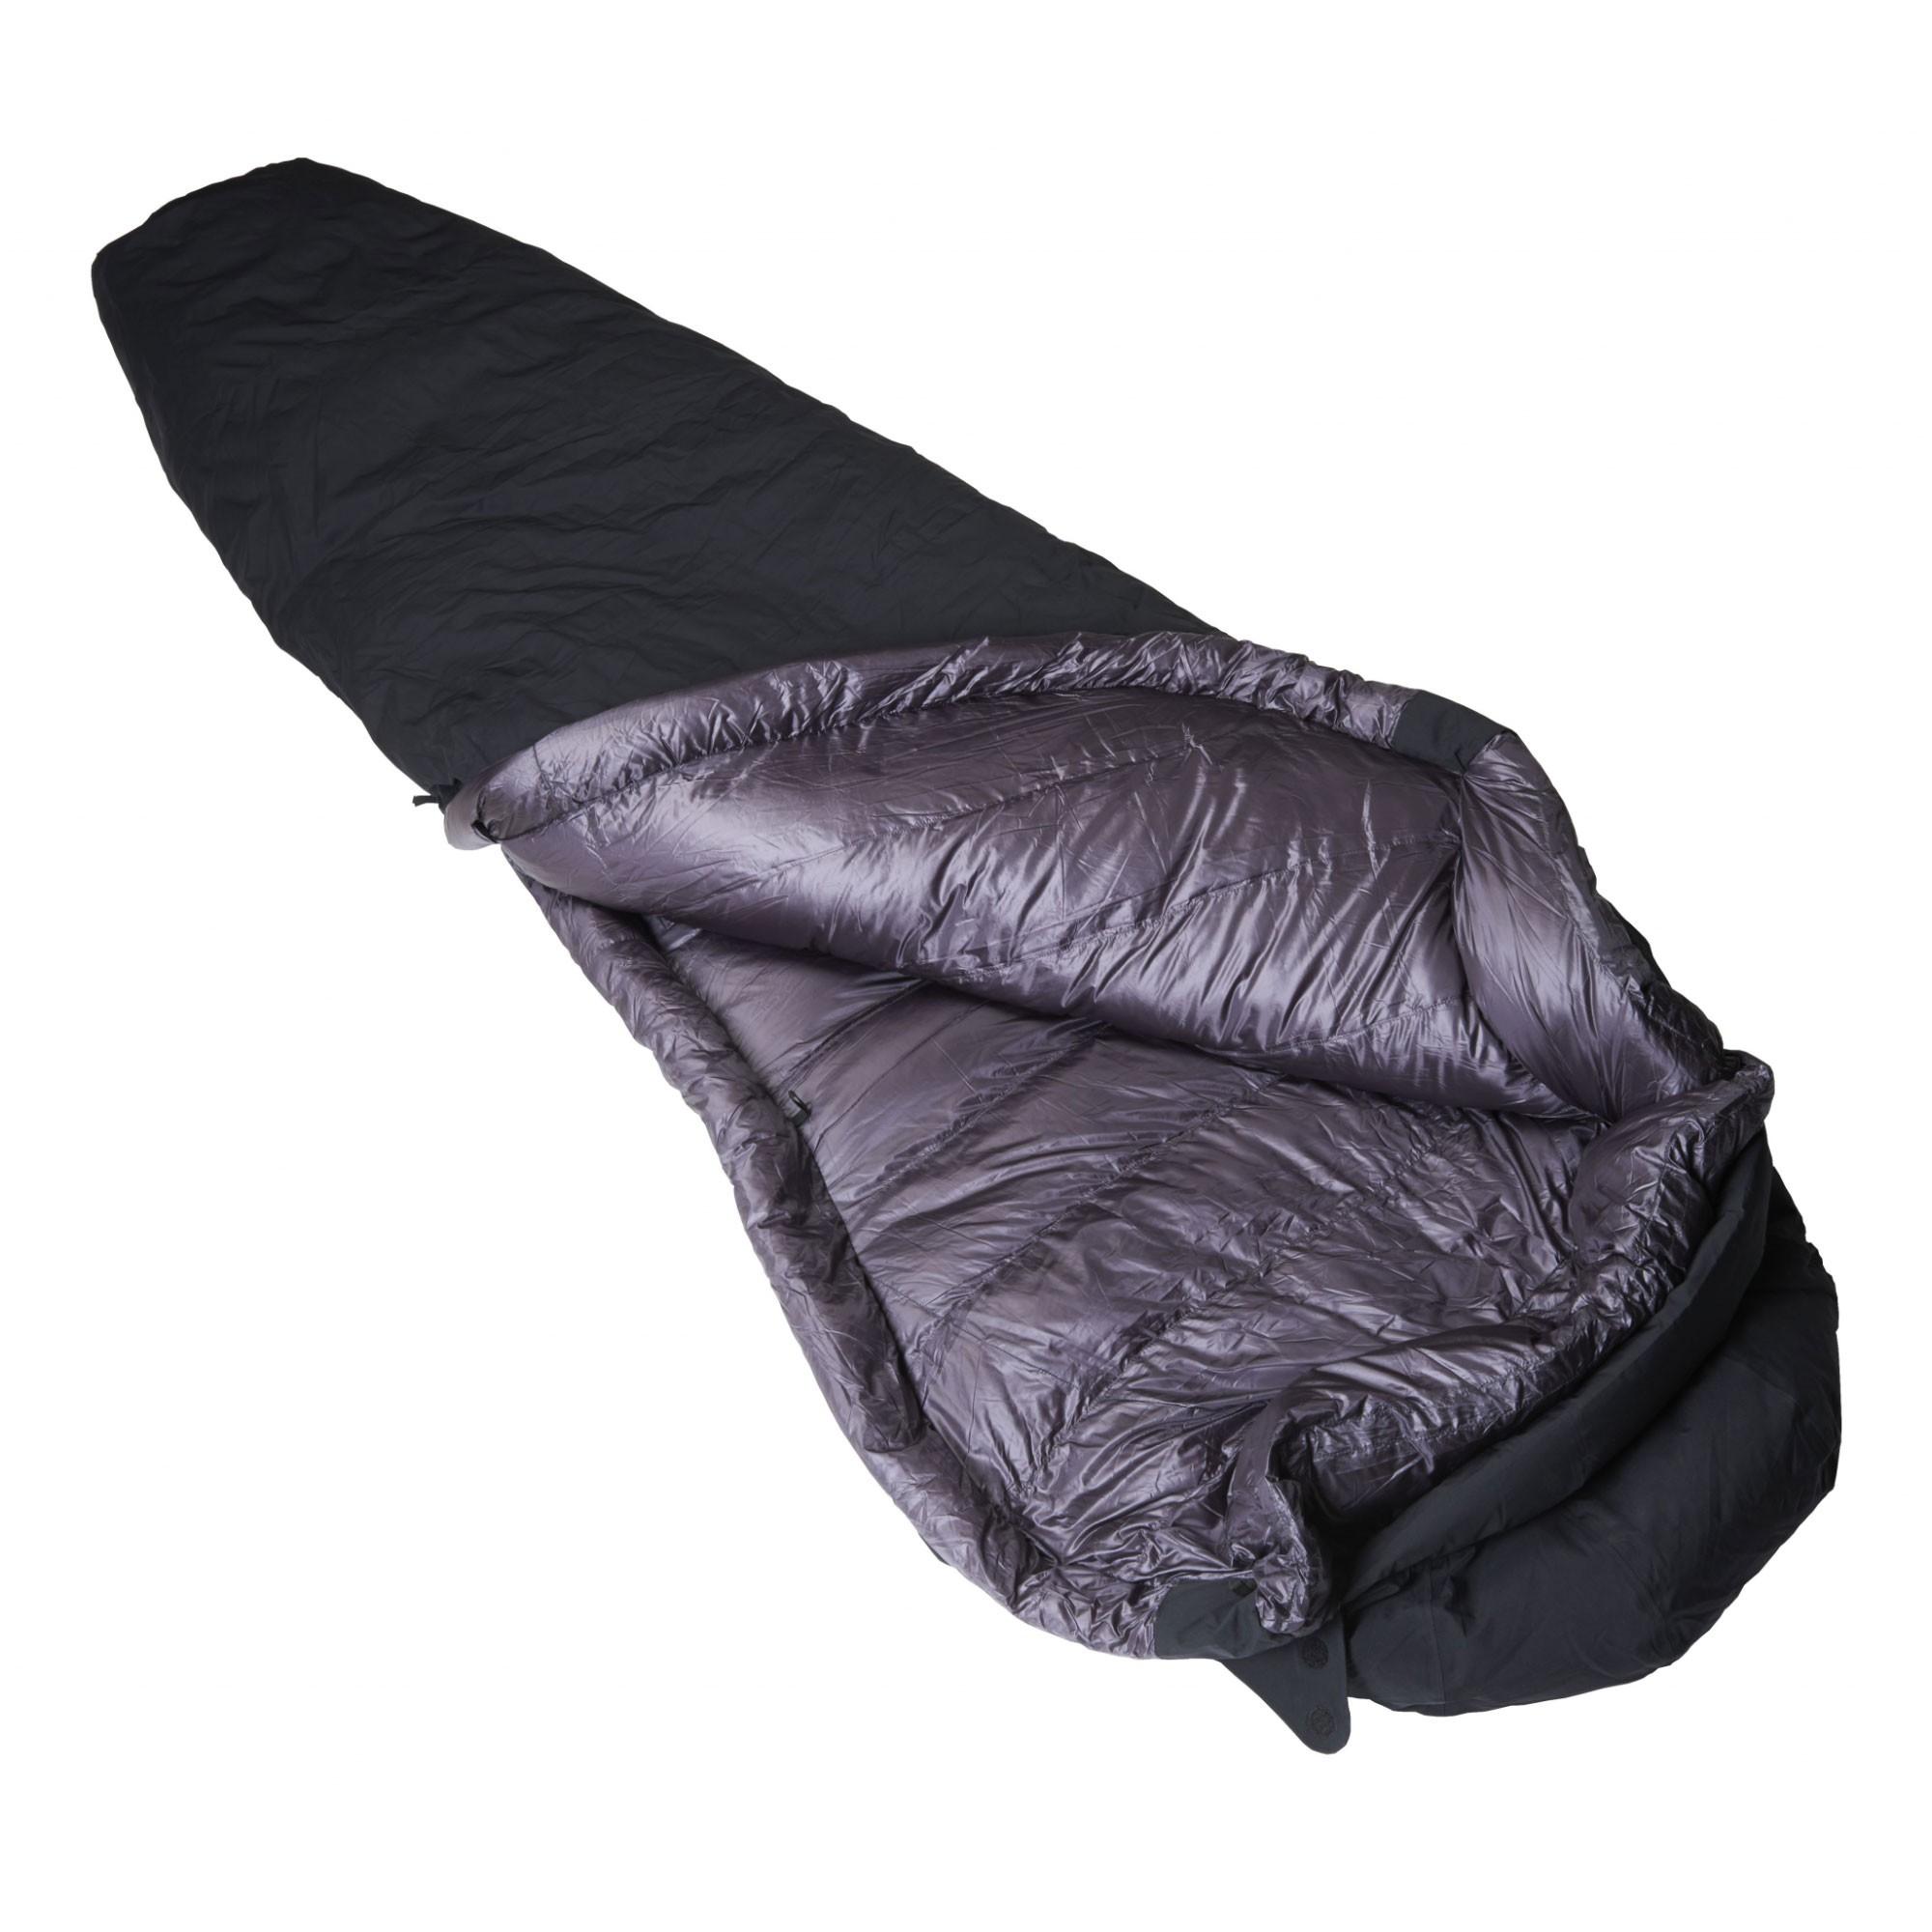 Crux Torpedo 700 Waterproof Down Sleeping Bag - Black/Anthracite